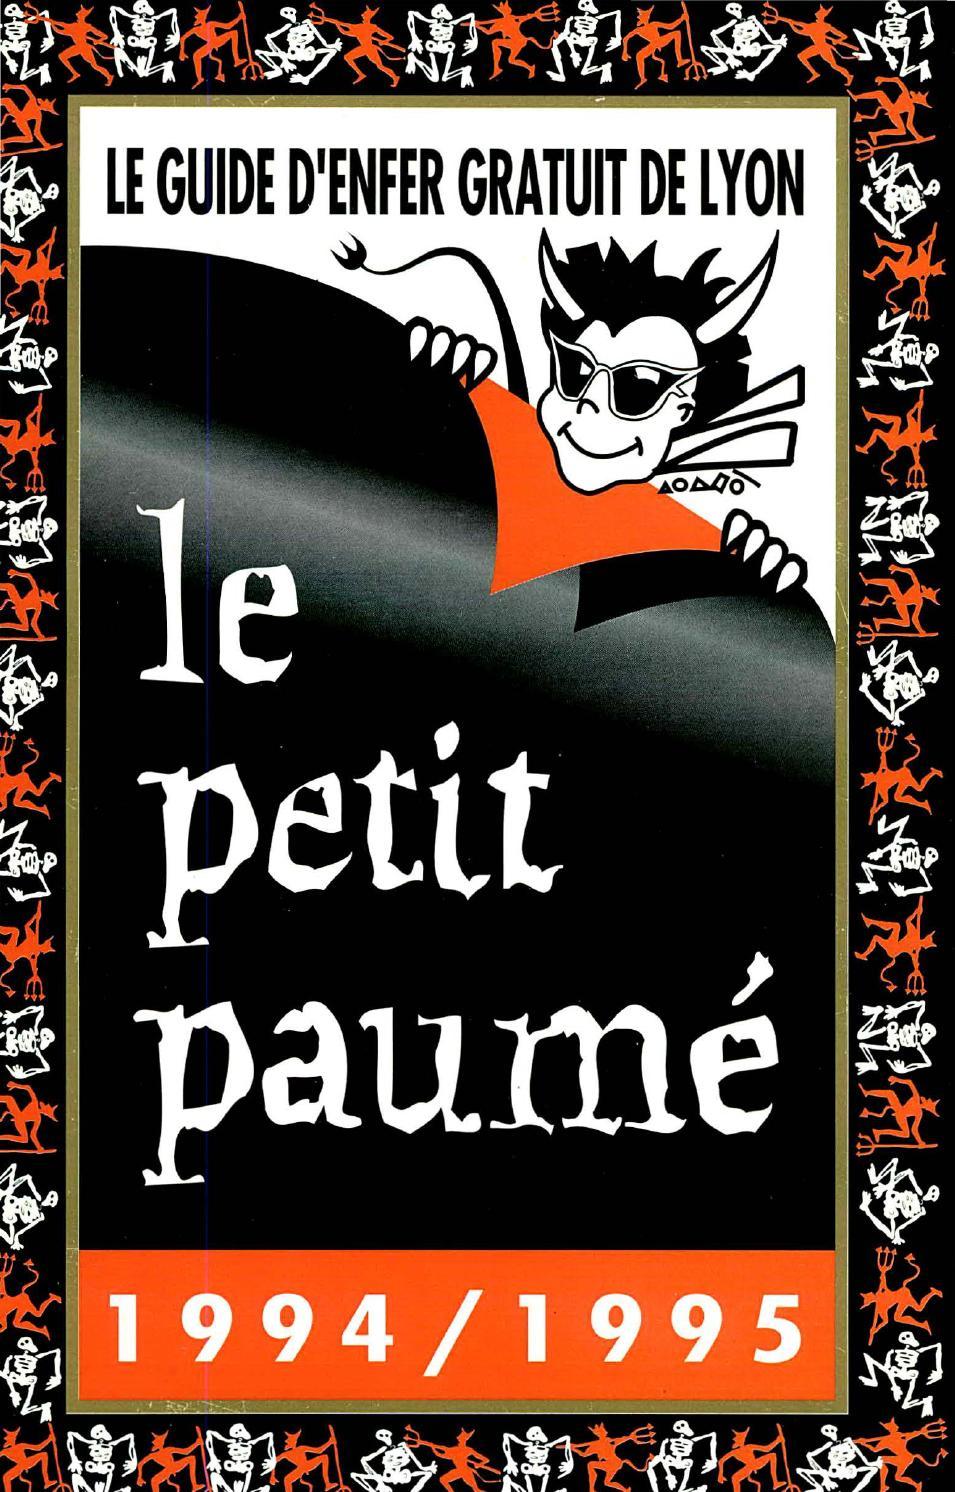 fa638ad1562f Le Petit Paumé - Edition 1994 1995 - City-Guide de Lyon by Le Petit Paumé -  issuu